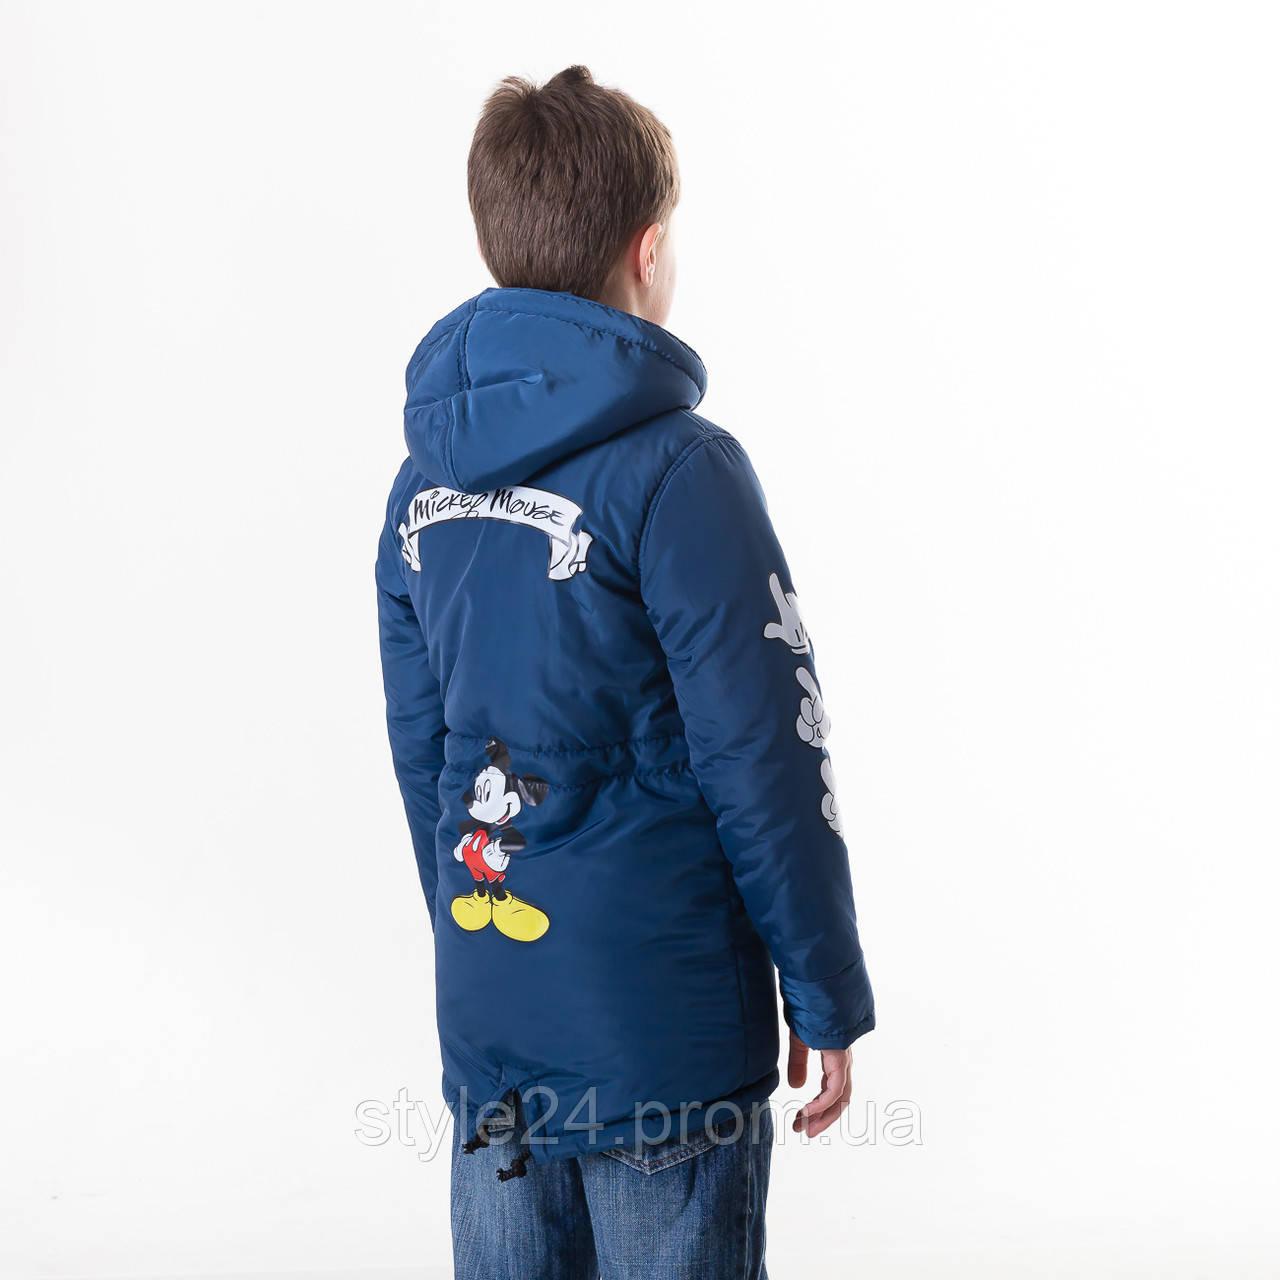 Весняна куртка на хлопчика з Міккі на рукавах спині.Р-ри 110-134 ... 3a8bf15173c39